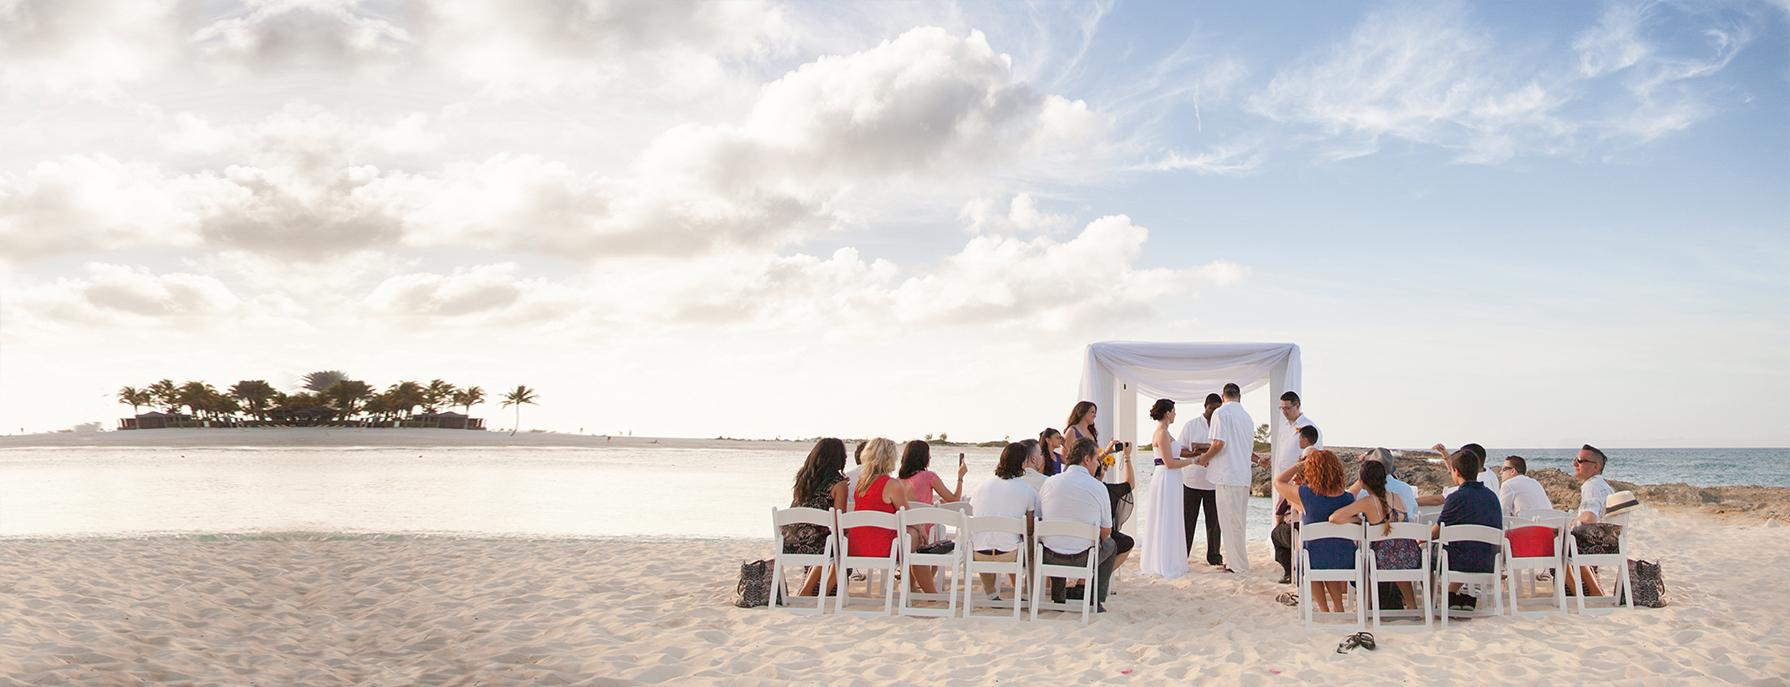 Dukat Studios Weddings-1126.jpg